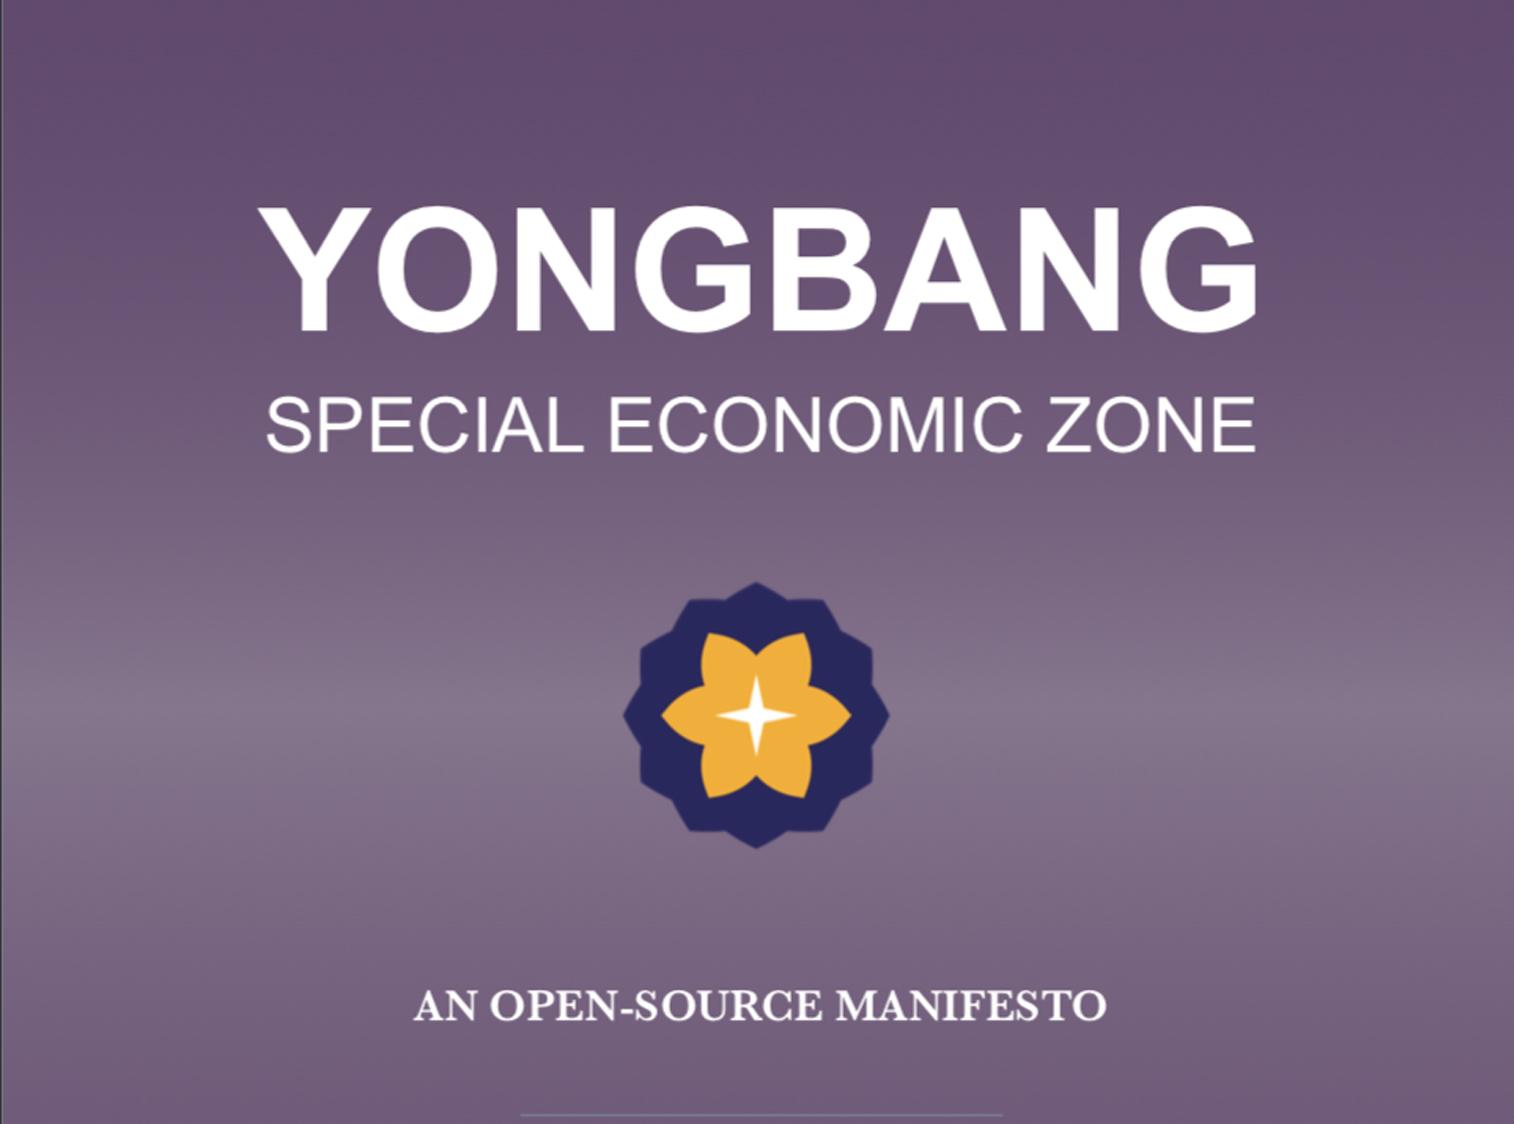 YongBang Special Economic Zone